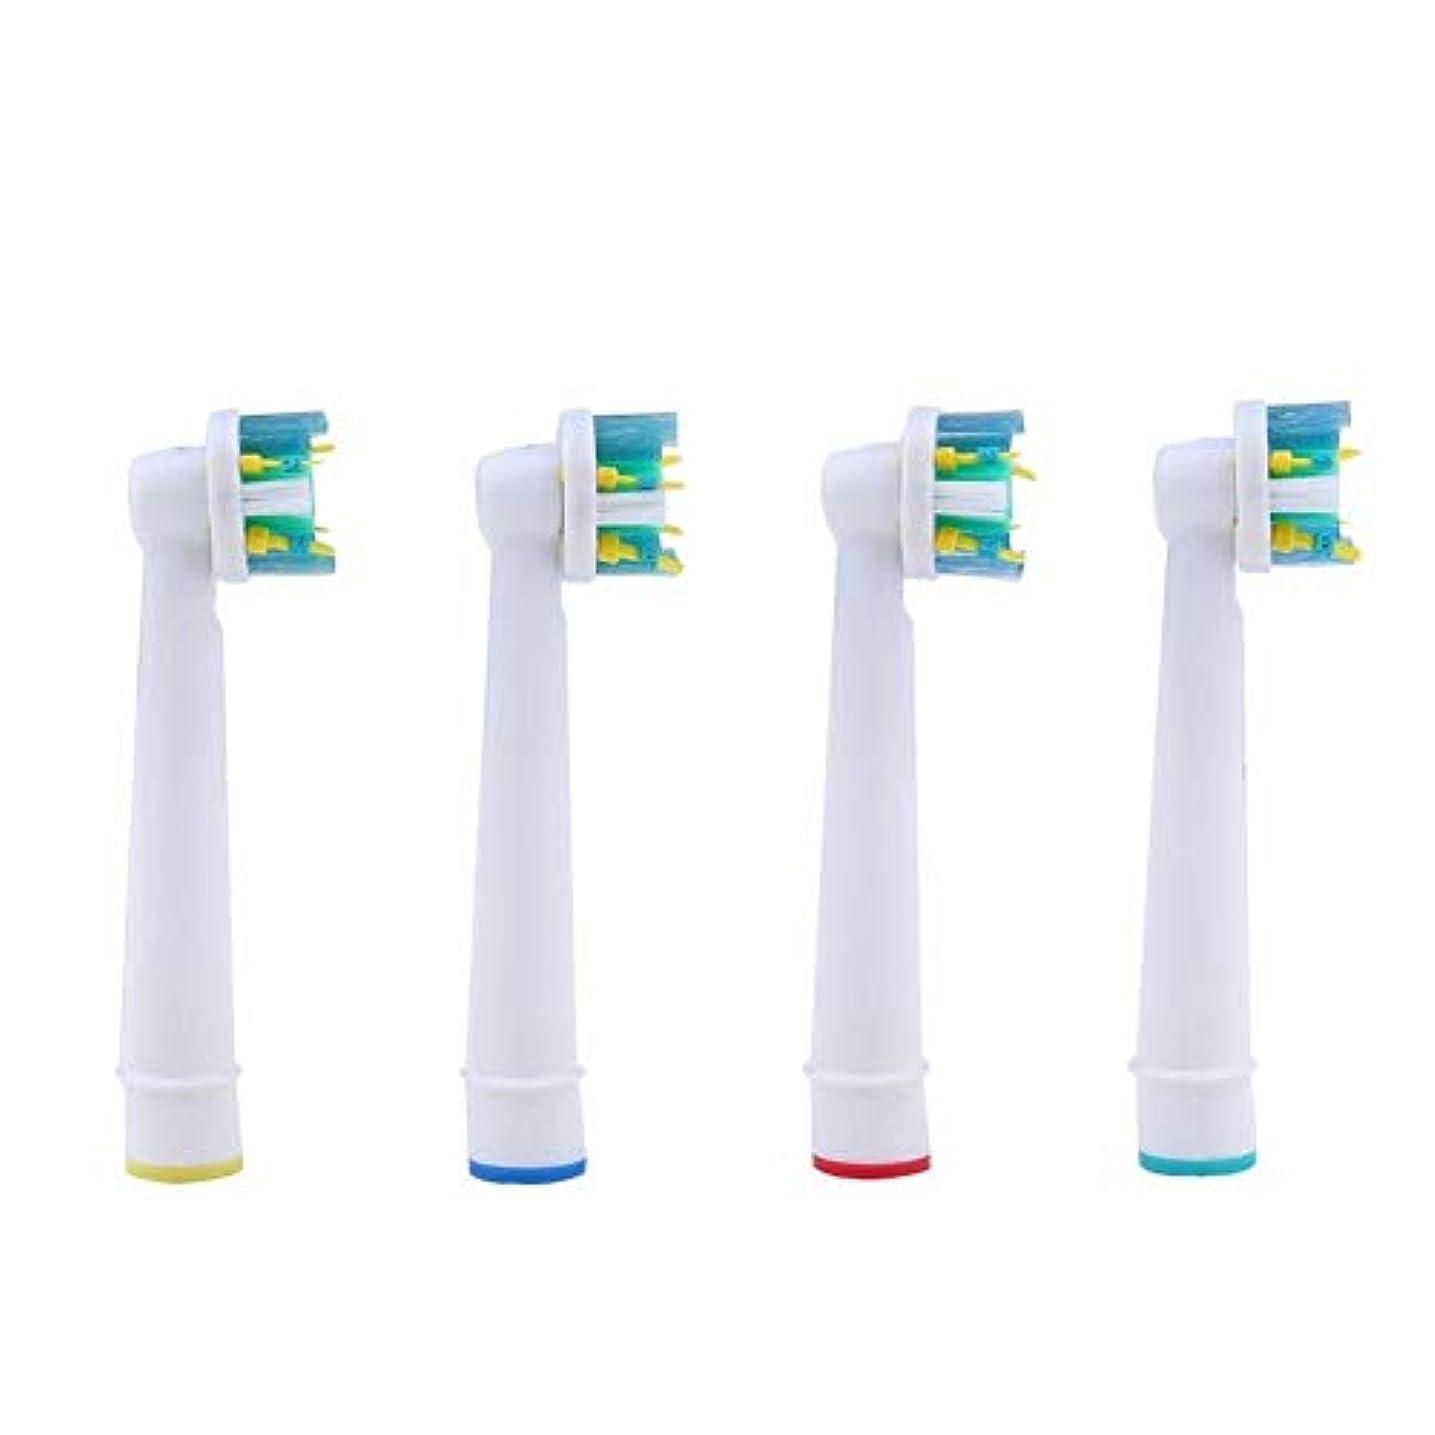 考案する鷹悲惨なOral-B電動歯ブラシ 歯ブラシヘッド交換 交換用ブラウン マルチアクションブラシ OralB FLOSS ACTIONのために適した 汎用互換品 4本/セット